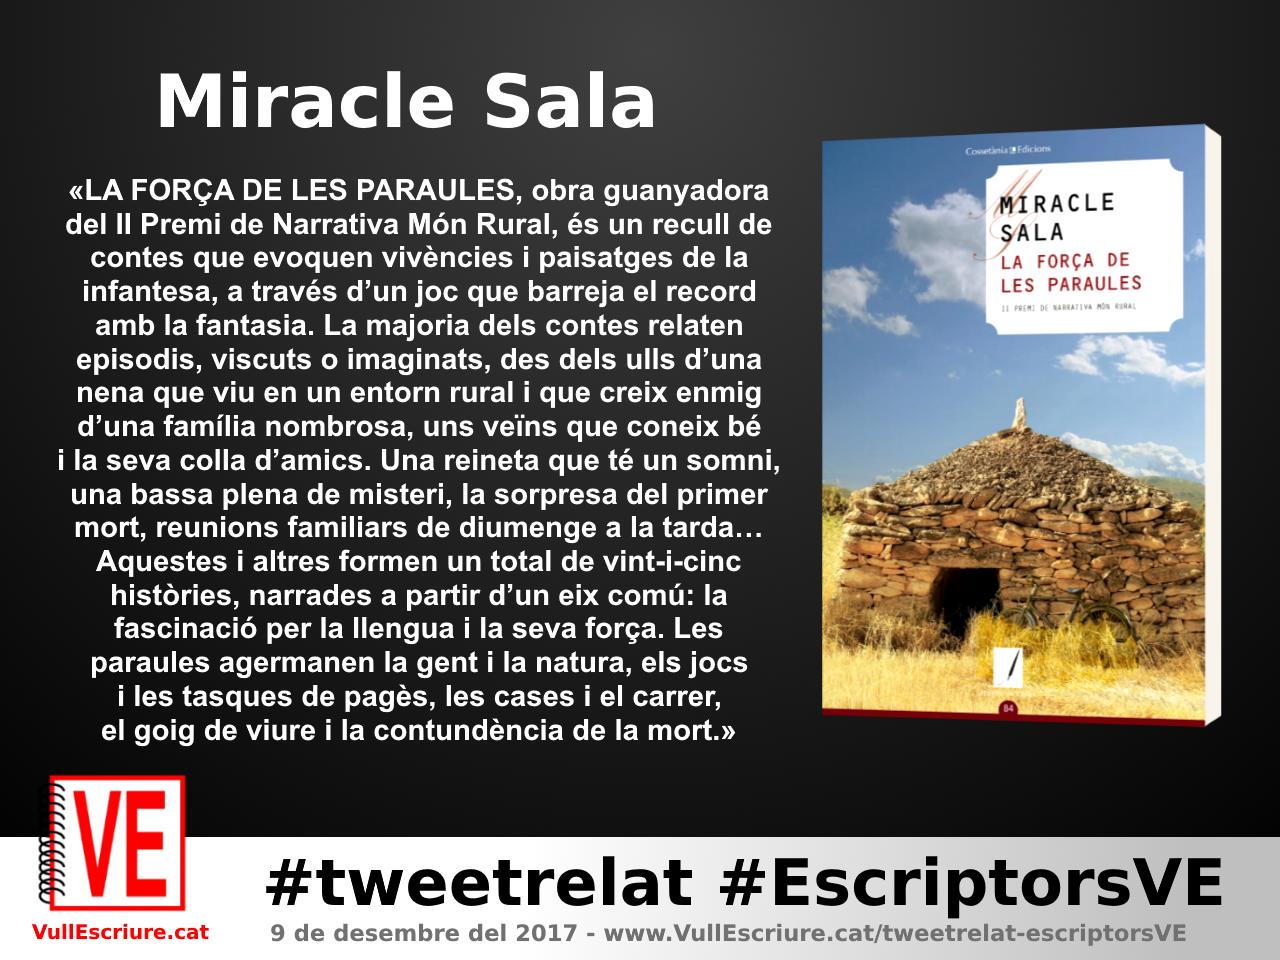 VullEscriure - Marató escriptura #tweetrelat #EscriptorsVE - Miracle Sala - La força de les paraules